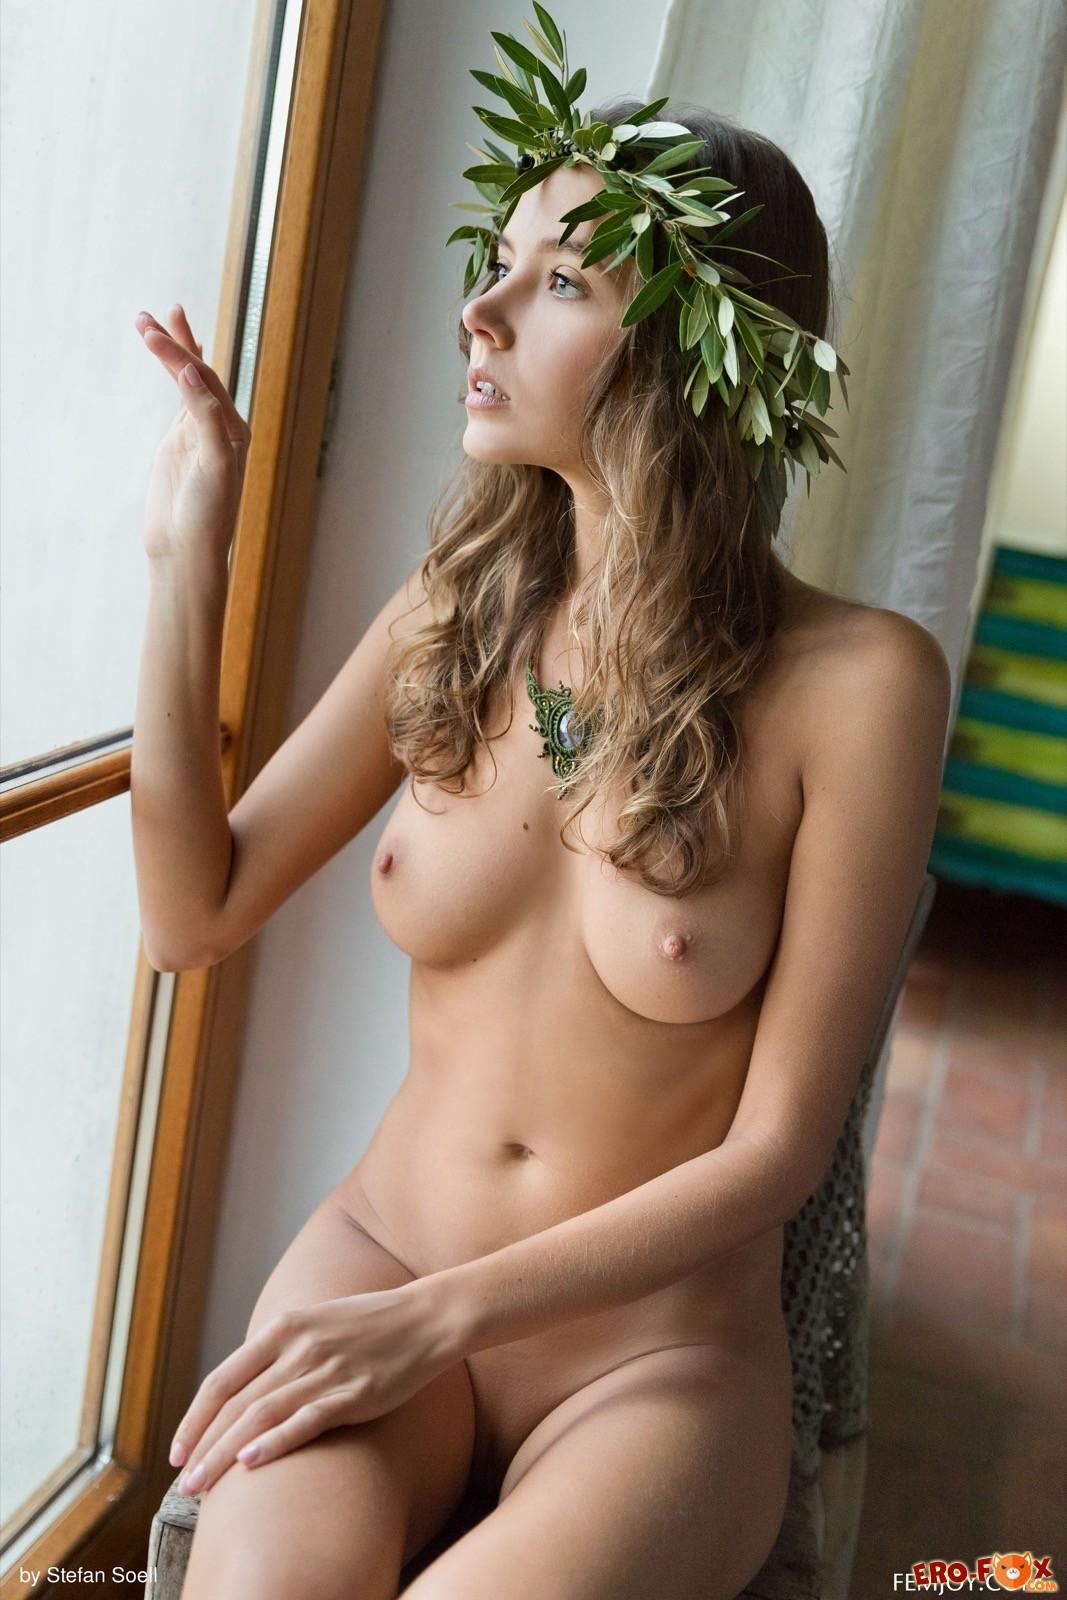 Стройная сексапильная модель с красивой внешностью голая - фото